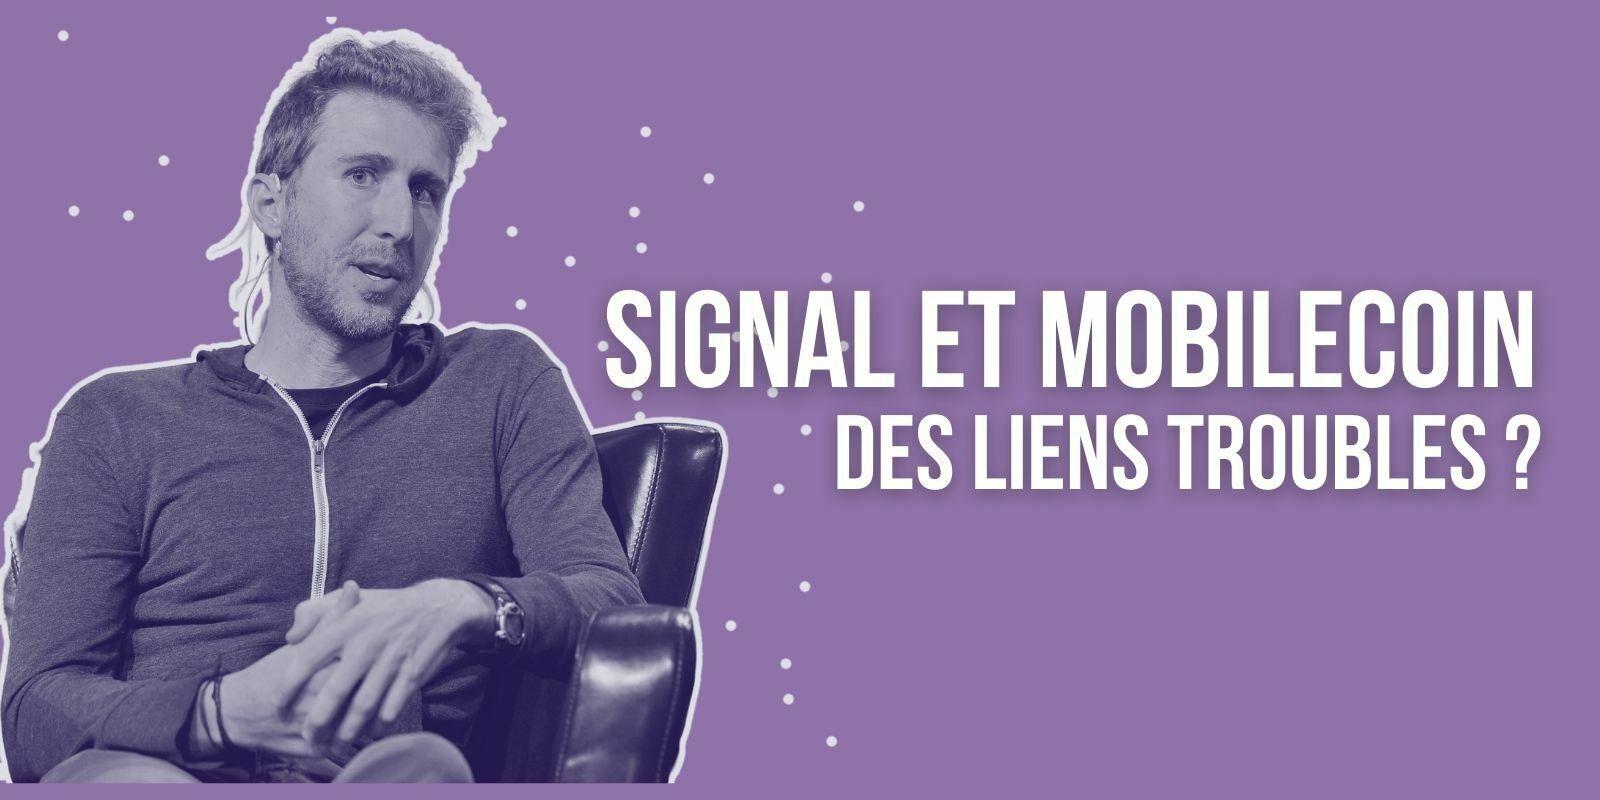 Le cofondateur de Signal critiqué sur ses relations troubles avec MobileCoin (MOB)